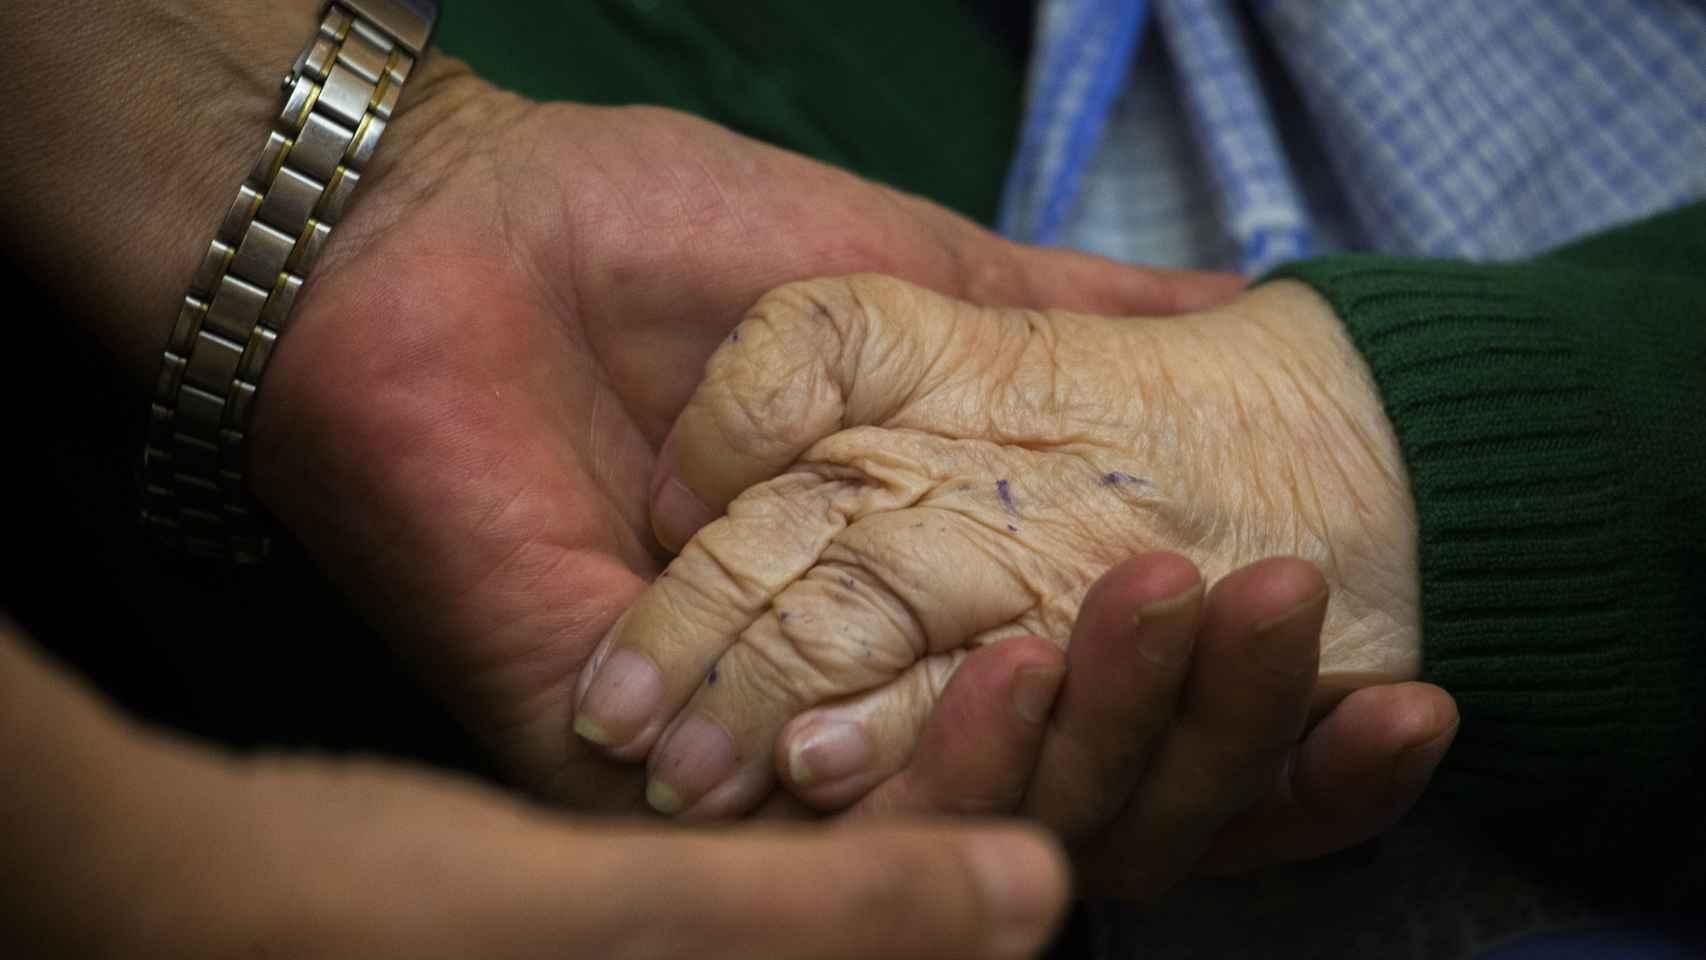 El trabajo de los cuidadores es muy valorado.